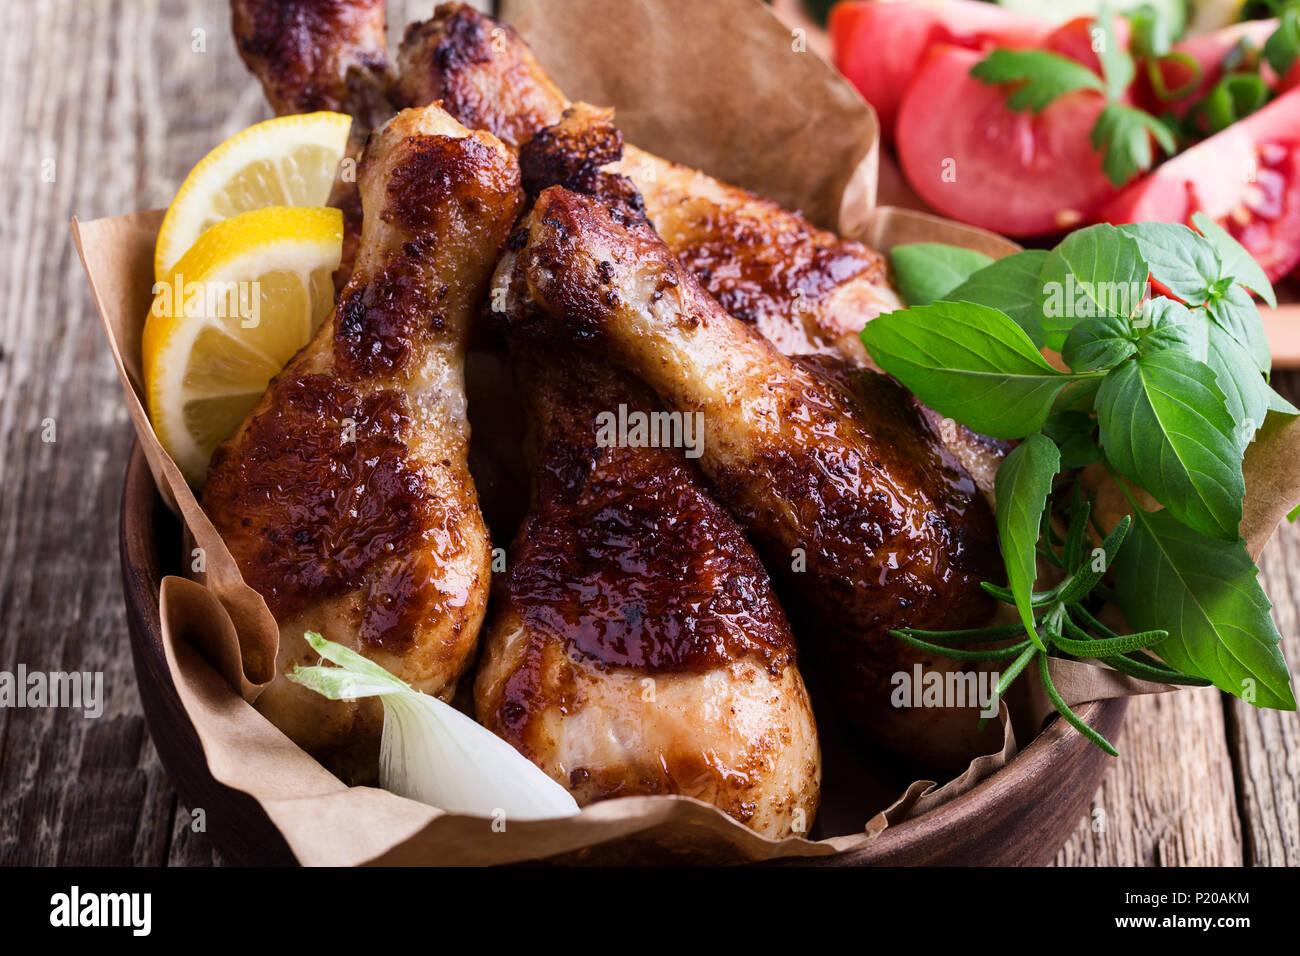 Pollo arrosto cosce di pollo disossate in vaso di ceramica e verdure fresche sulla tavola in legno rustico, cibo preferito Immagini Stock